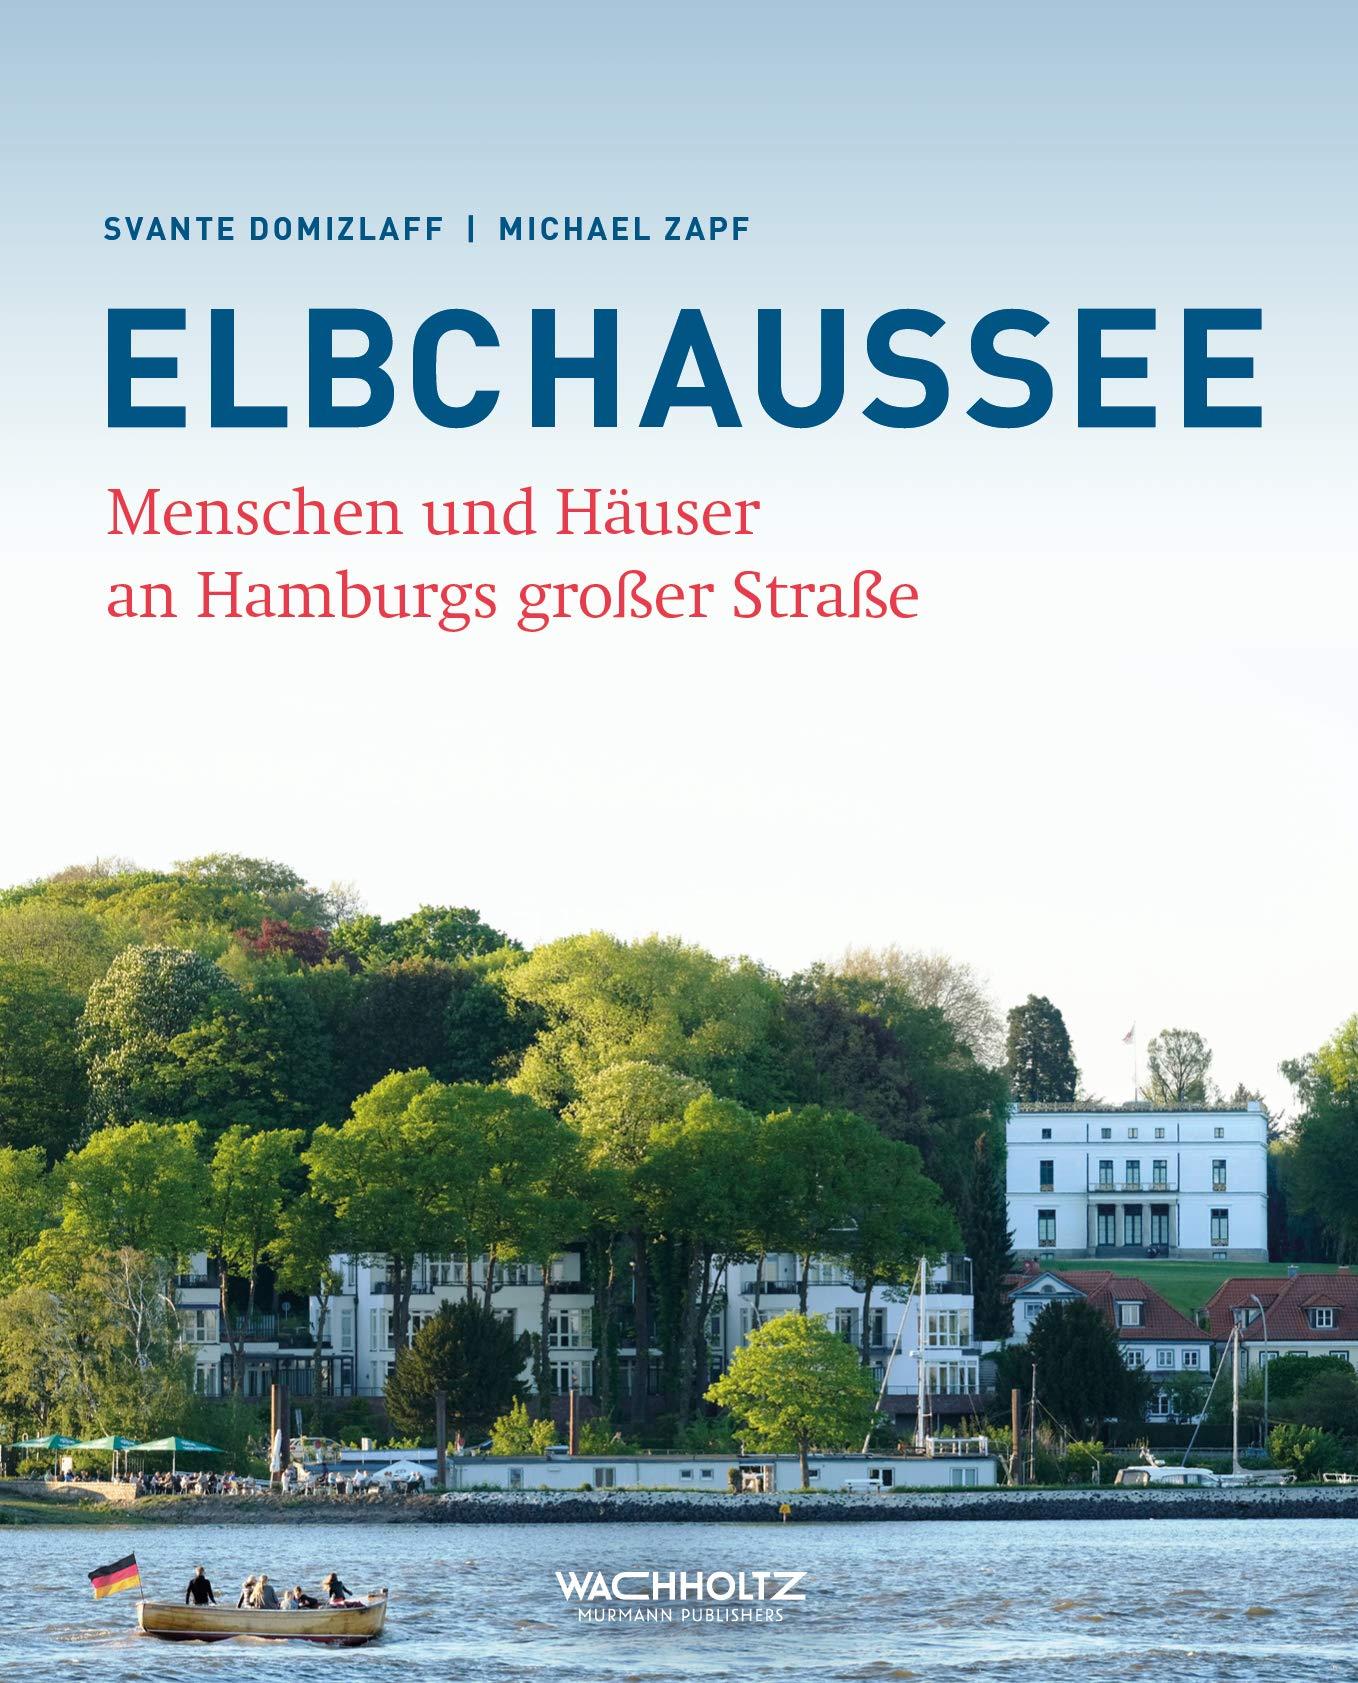 Elbchaussee: Menschen und Häuser an Hamburgs großer Straße Gebundenes Buch – 16. Oktober 2018 Svante Domizlaff Michael Zapf Wachholtz 3529052426